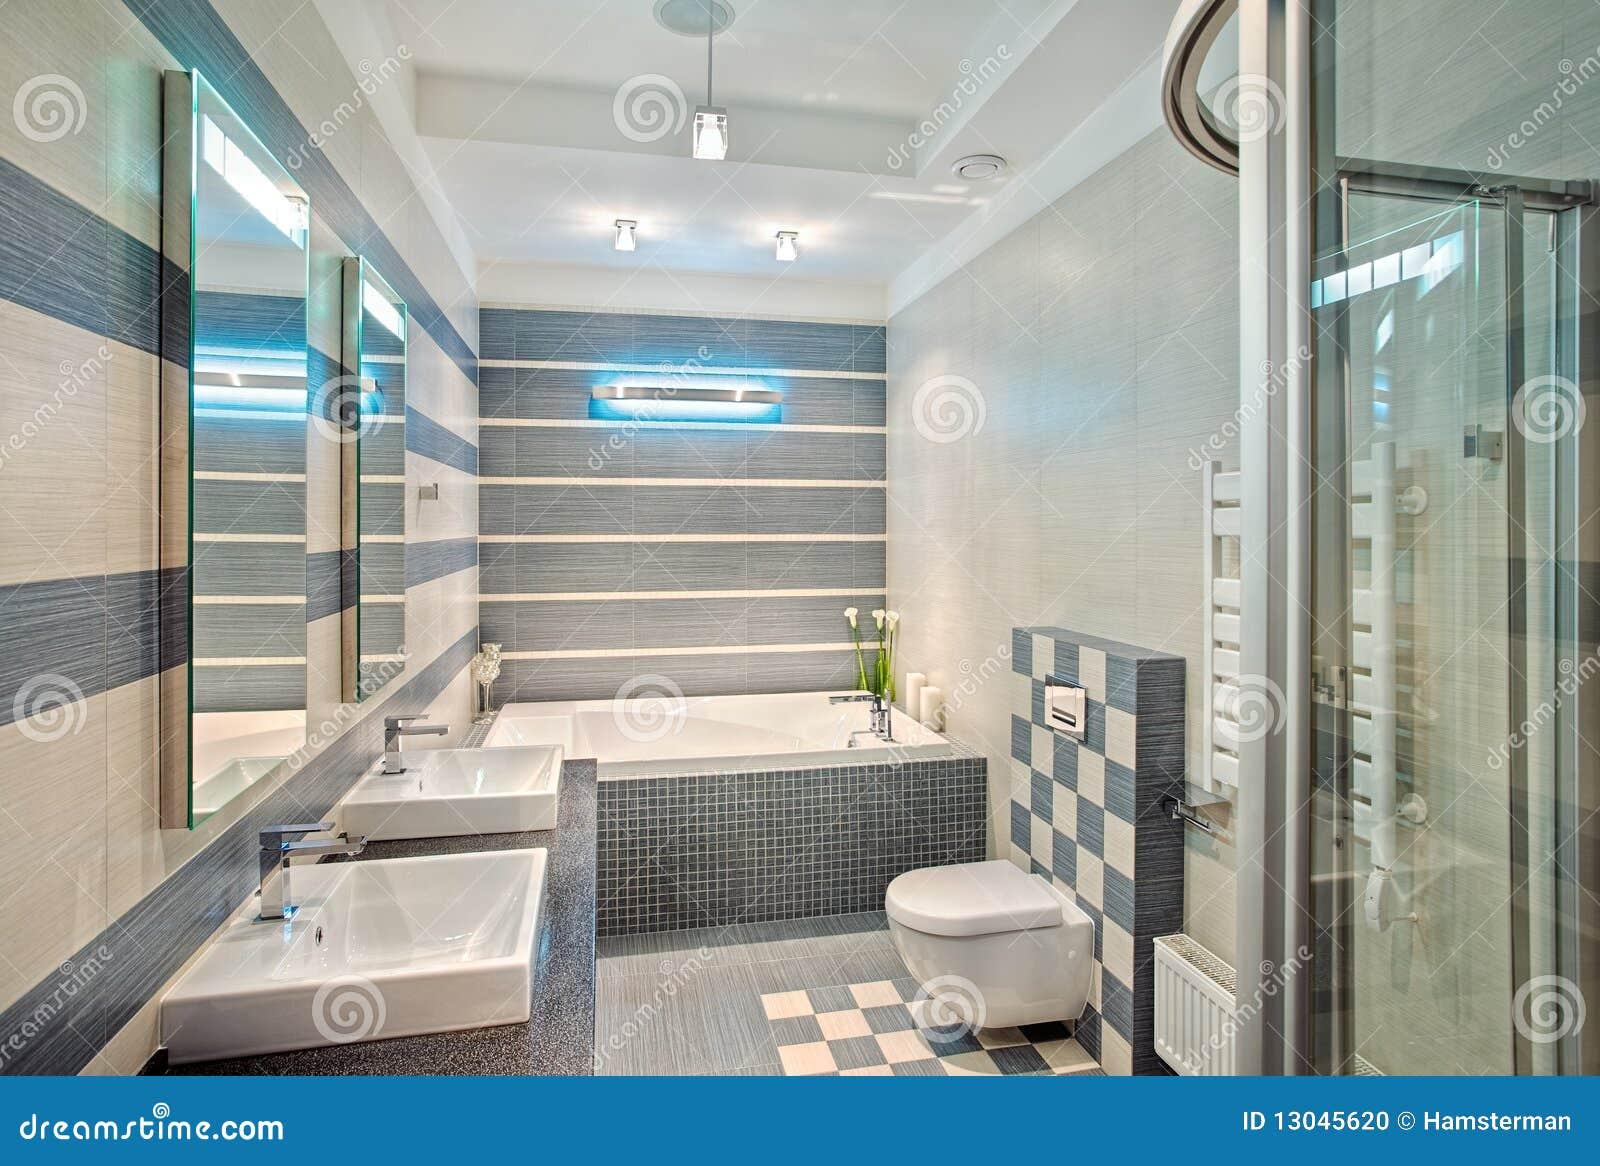 Modernes Badezimmer Mit Mosaik ? Bitmoon.info Badezimmer Grau Mit Mosaik Blau